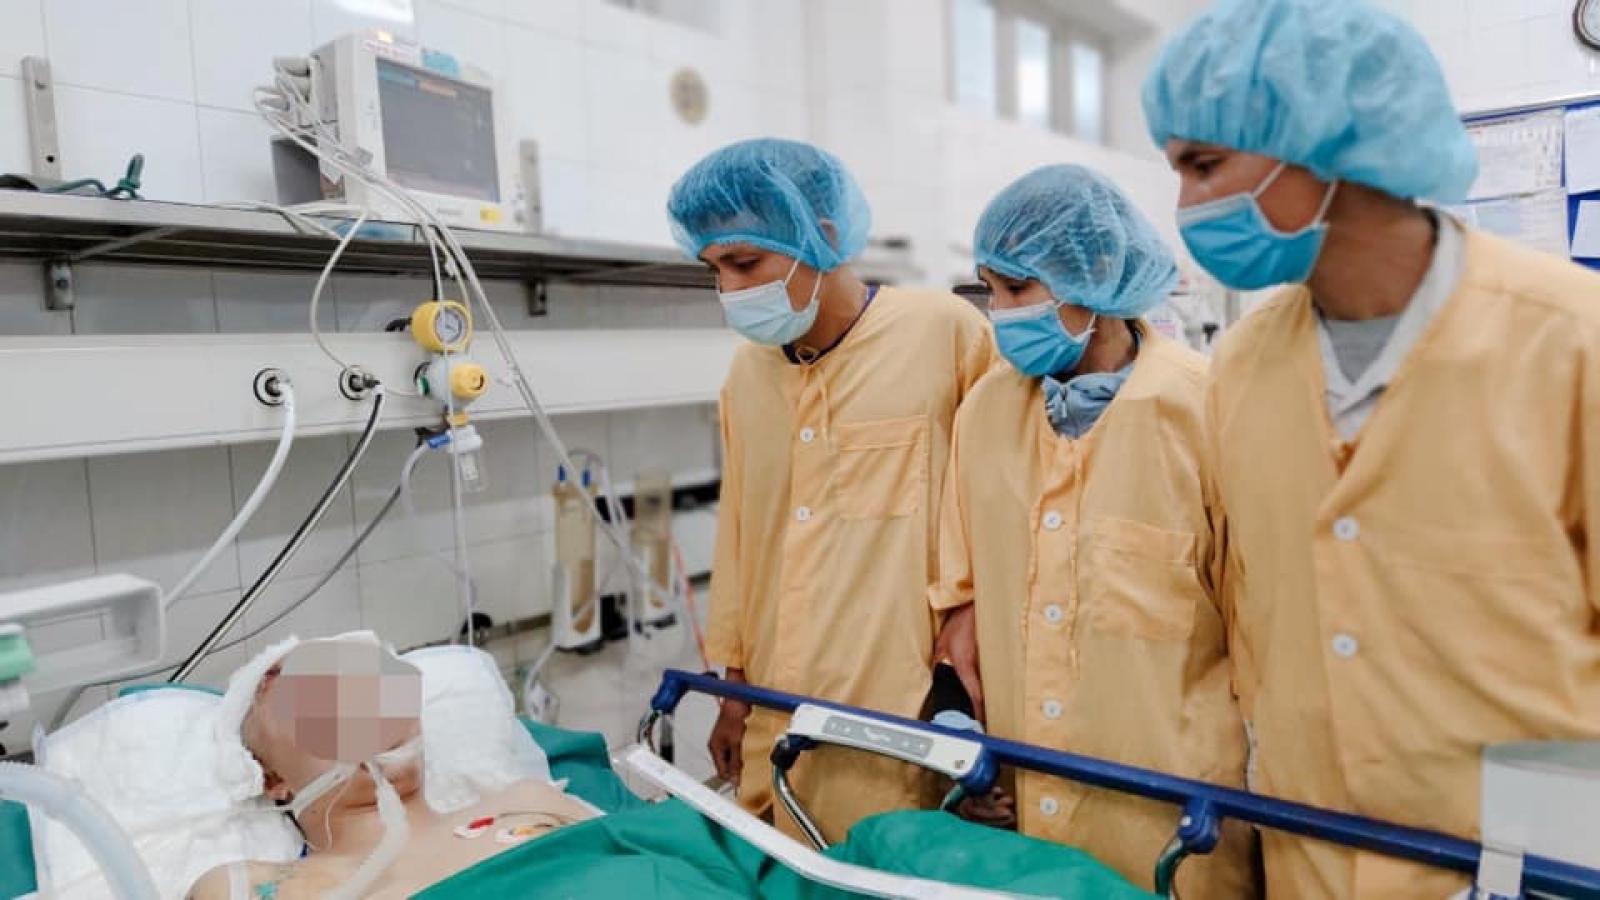 Gia đình chàng trai 22 tuổi bị chết não quyết định hiến tạng cứu sống 4 người